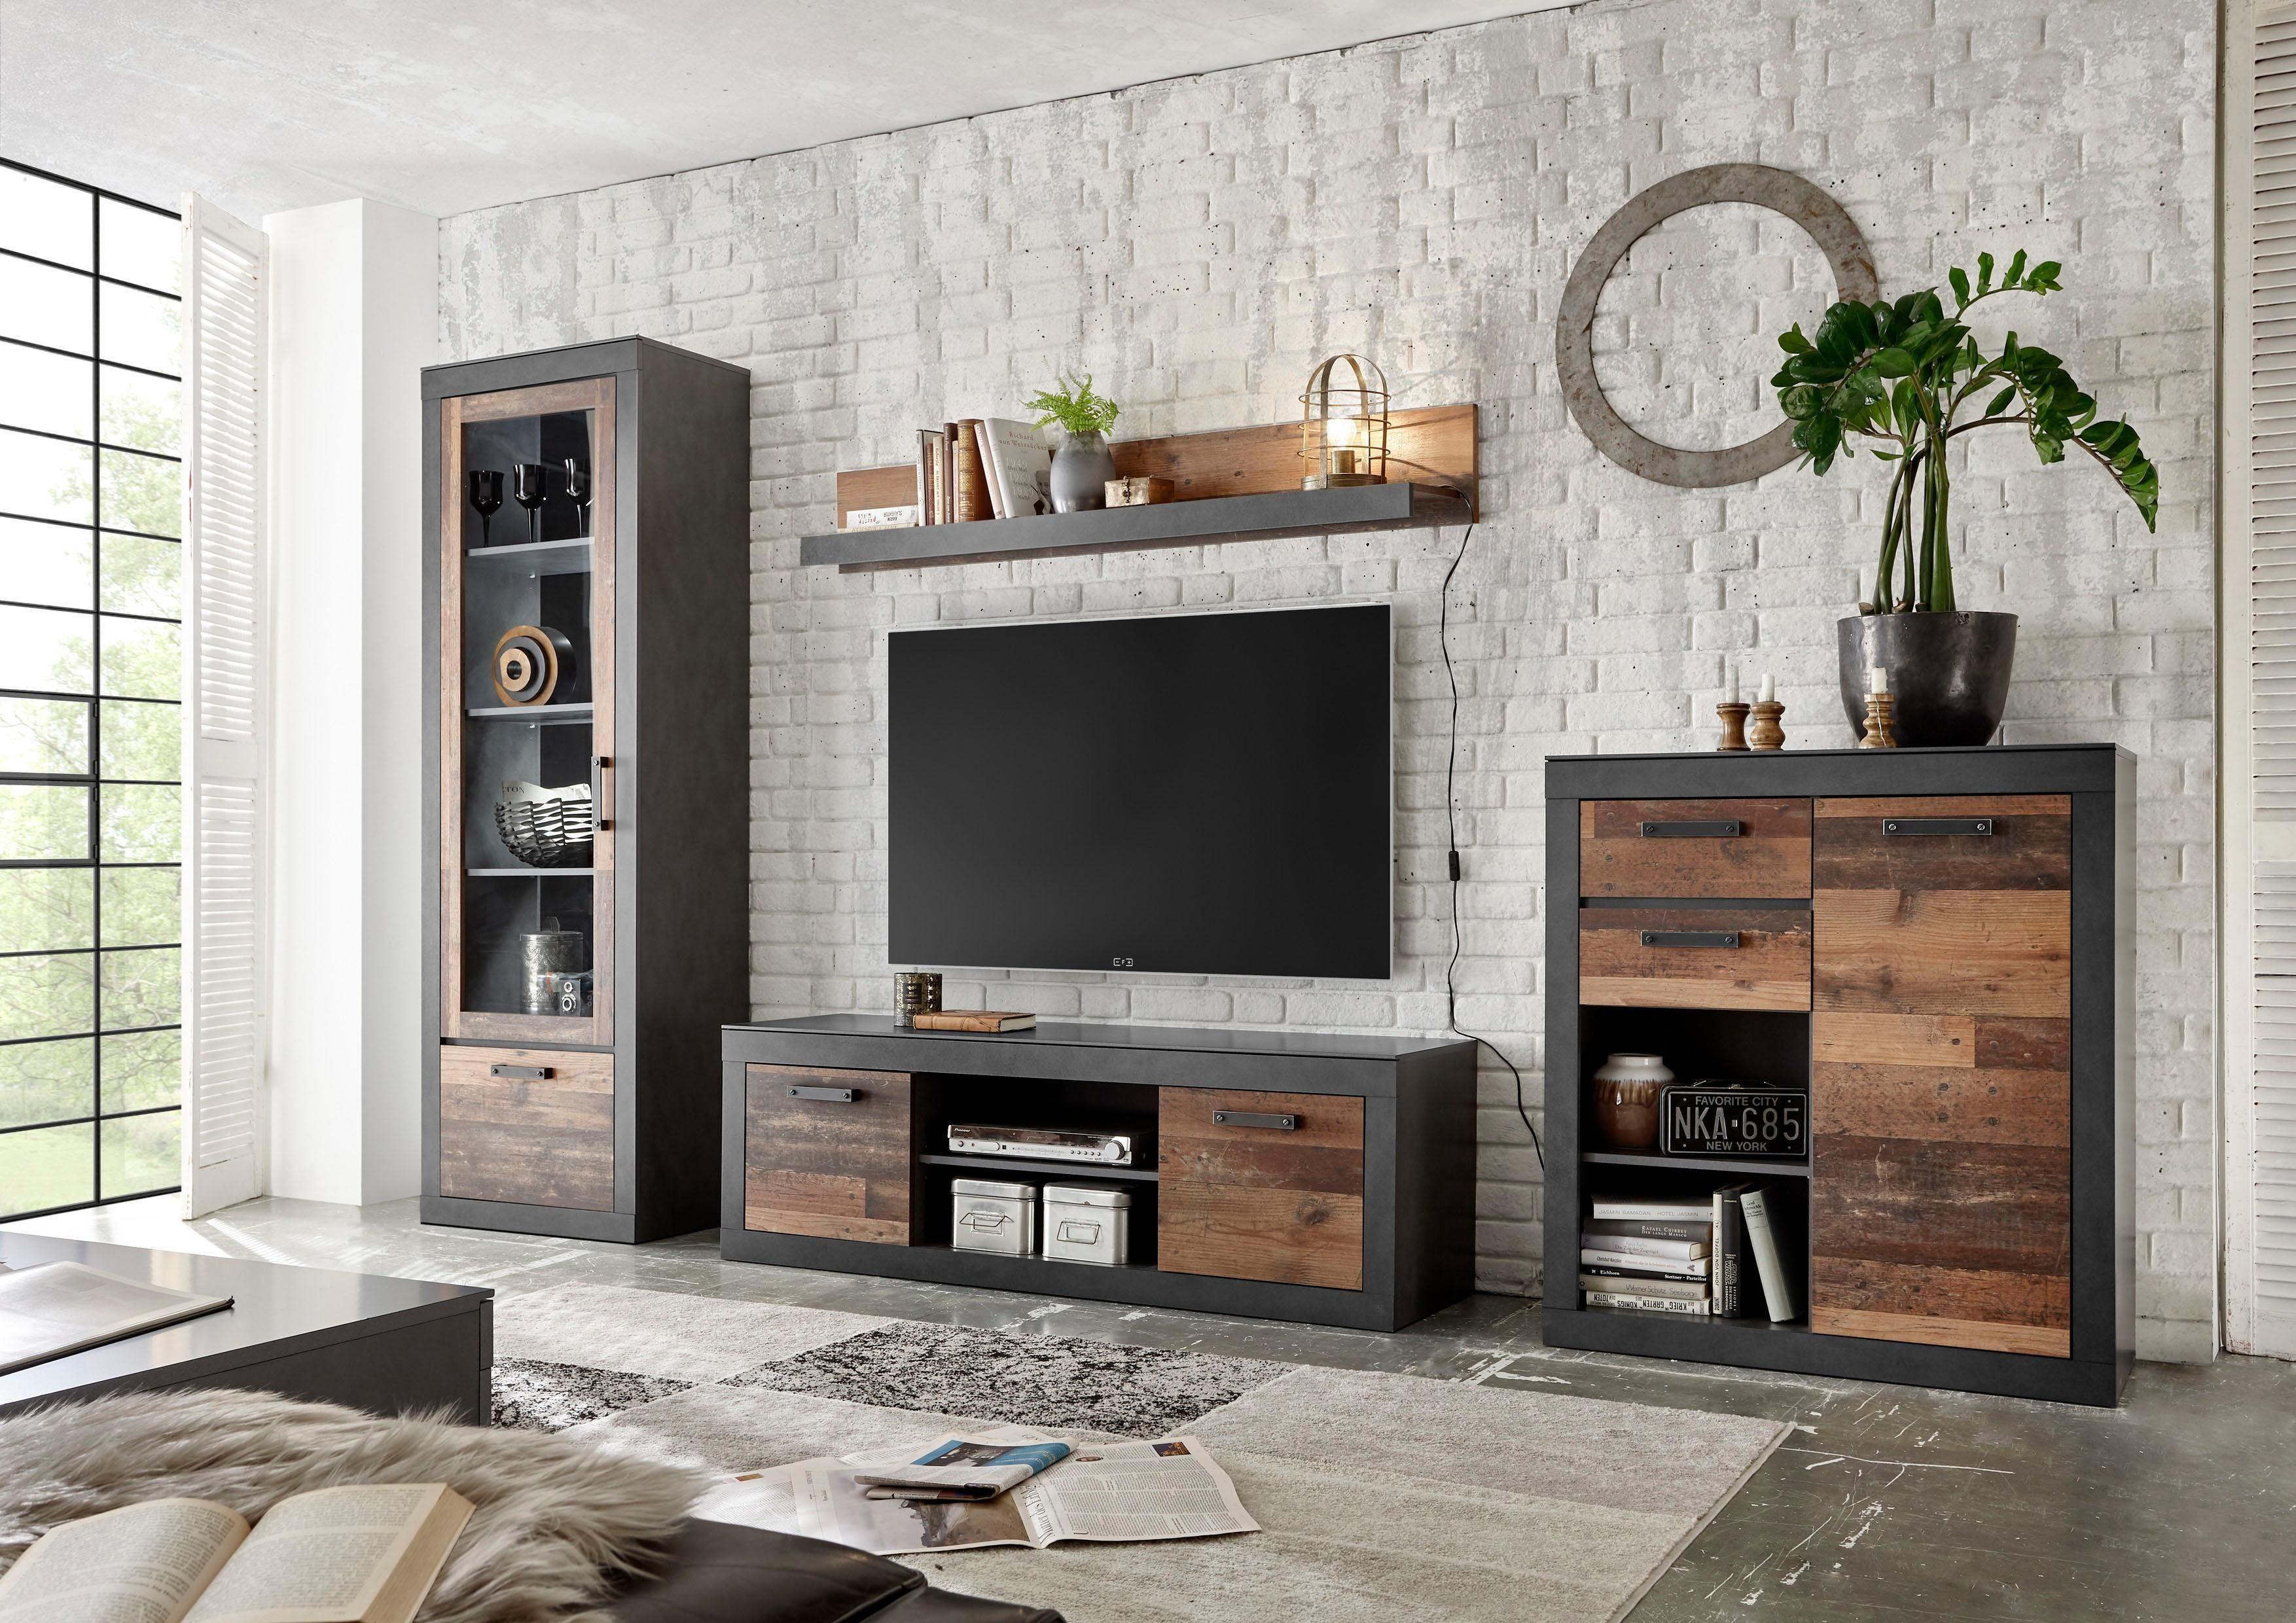 Home affaire Wohnwand BROOKLYN, (4 tlg.), in dekorativer Rahmenoptik günstig online kaufen